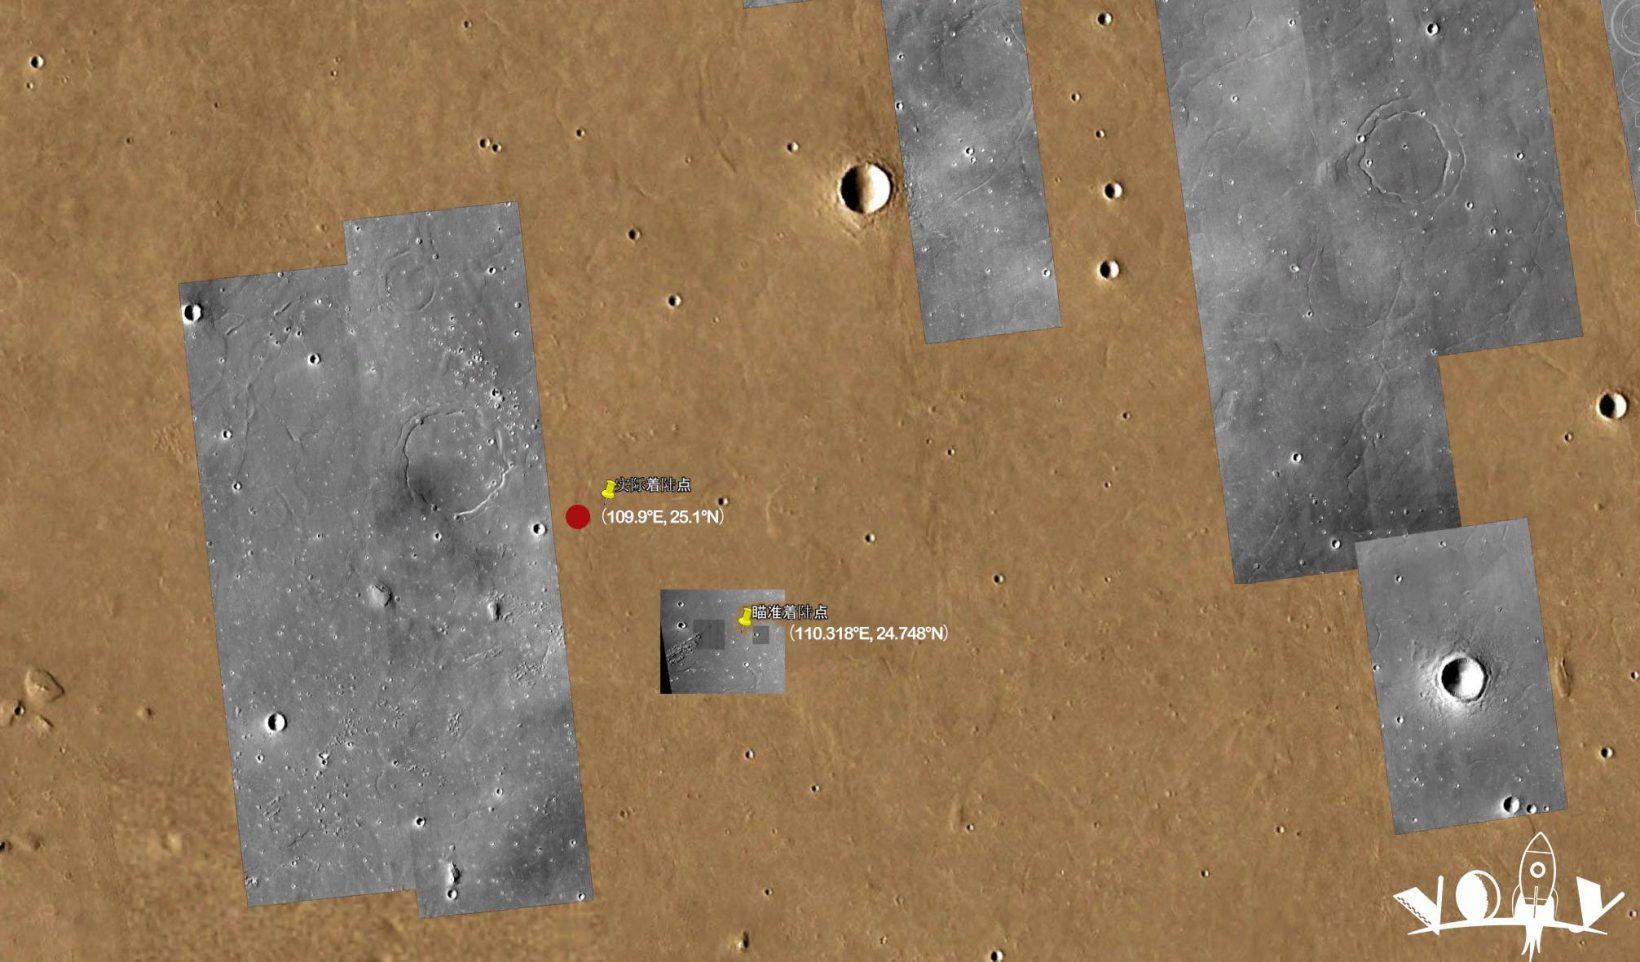 zhurong landing coordinates